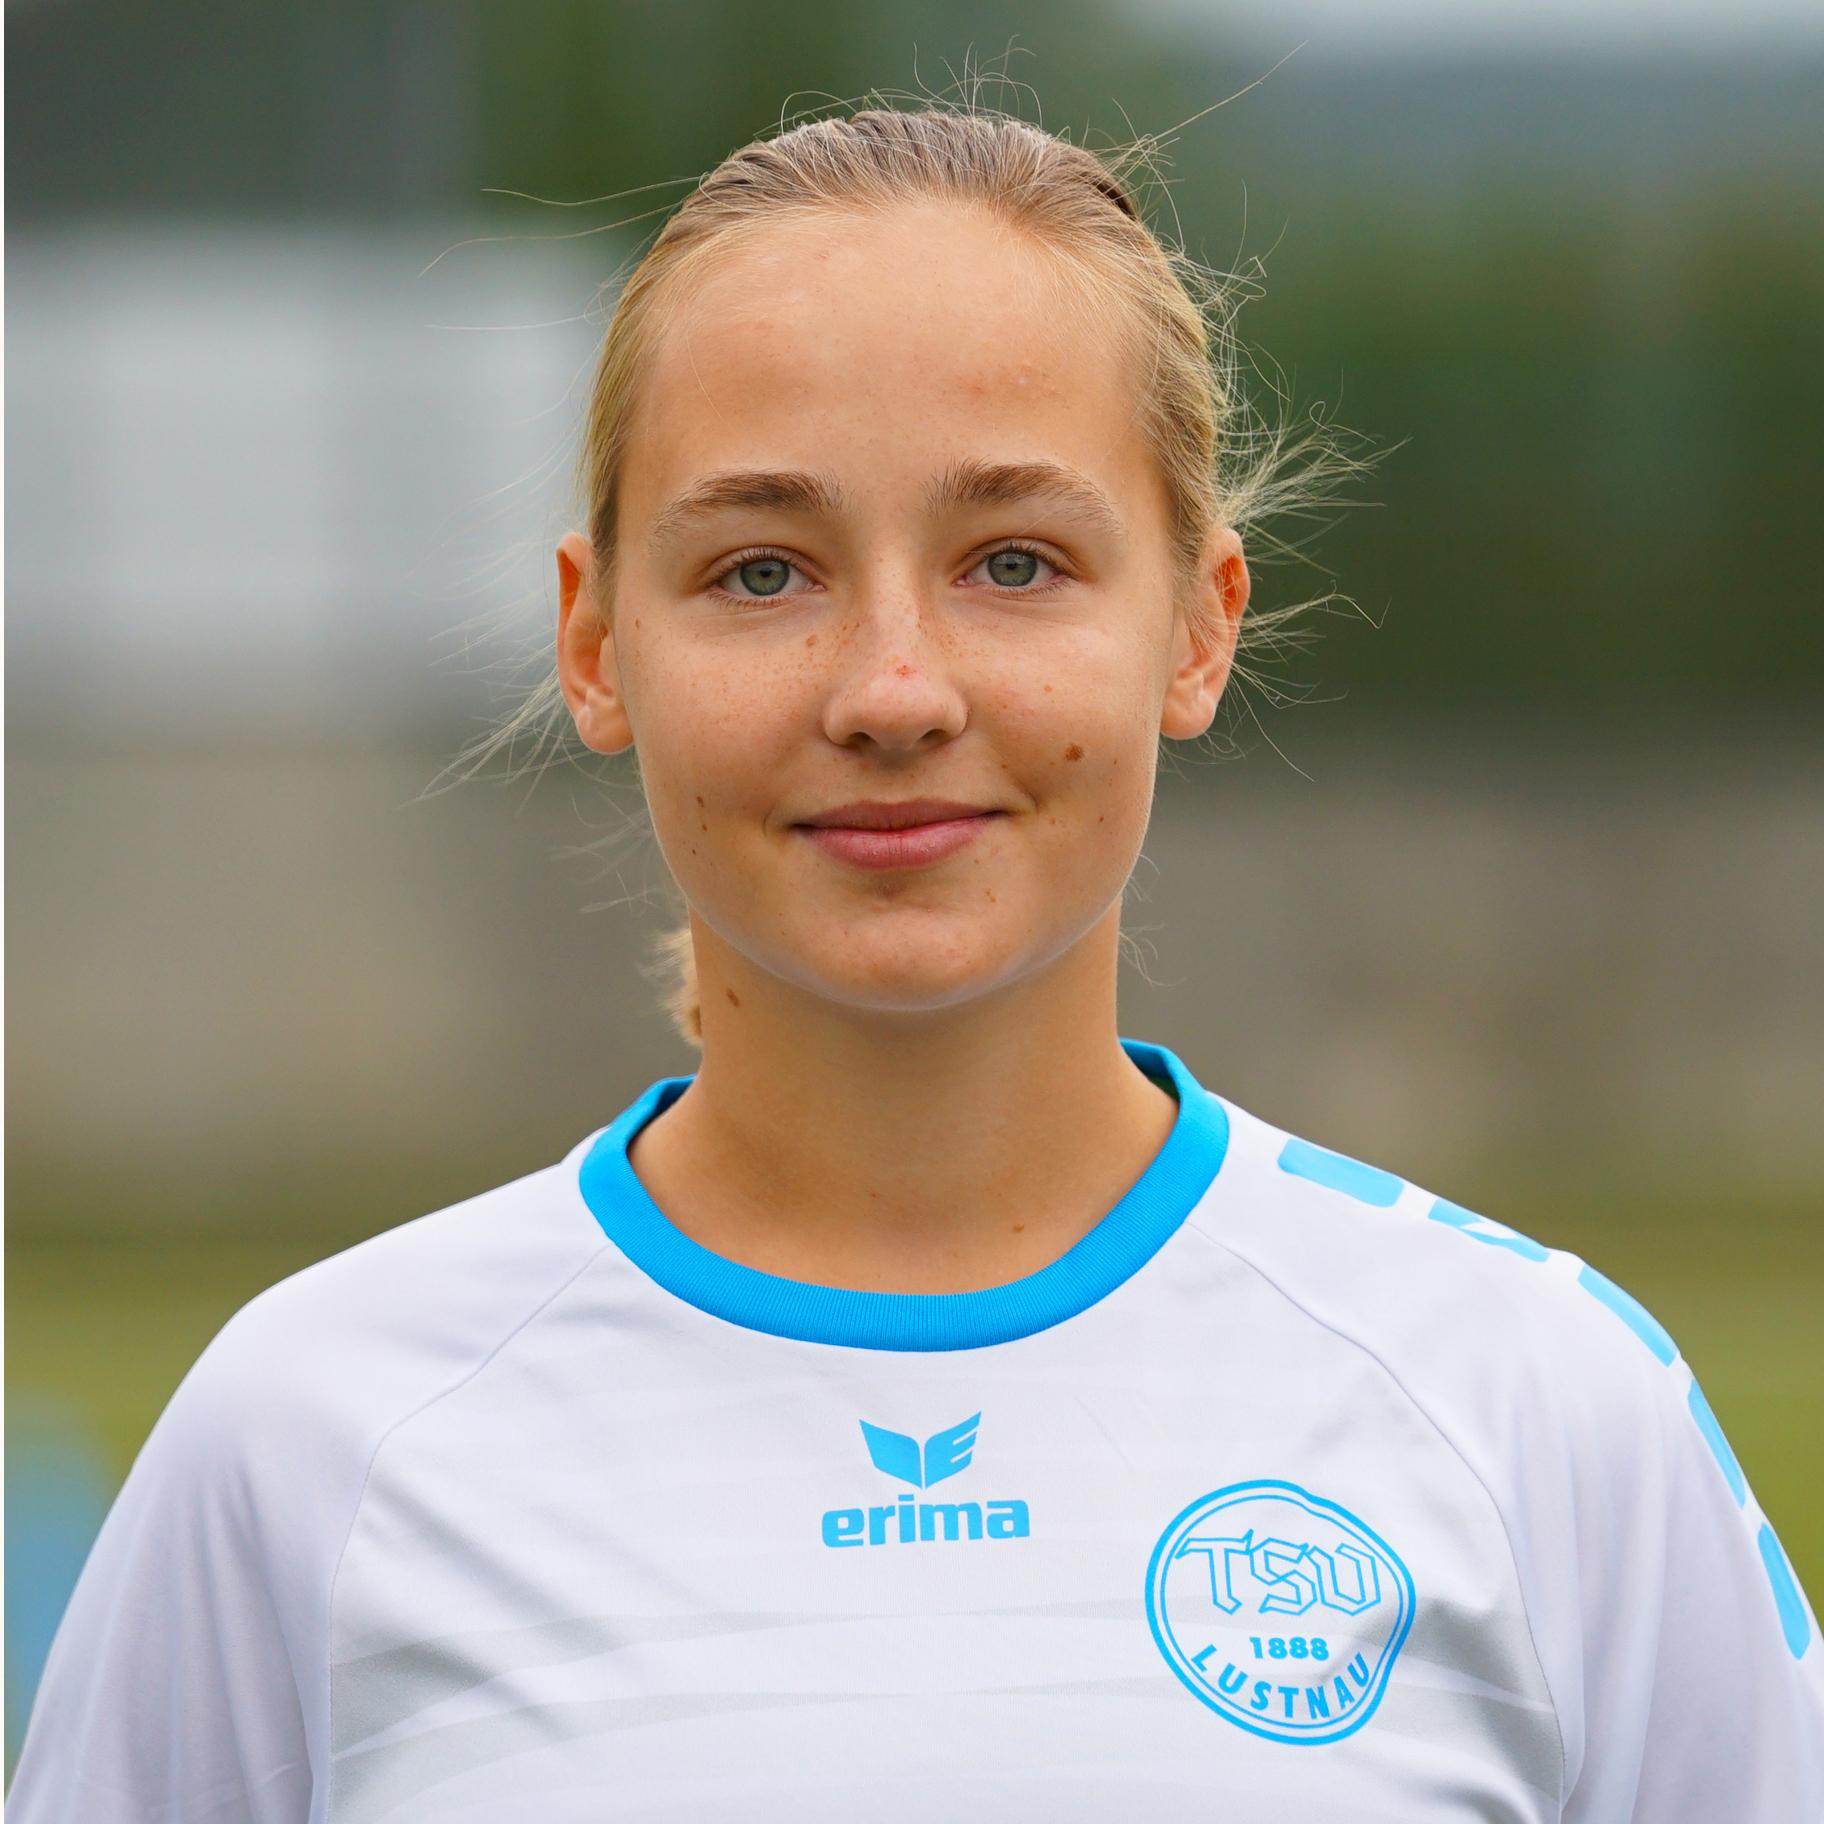 Elisa Braun